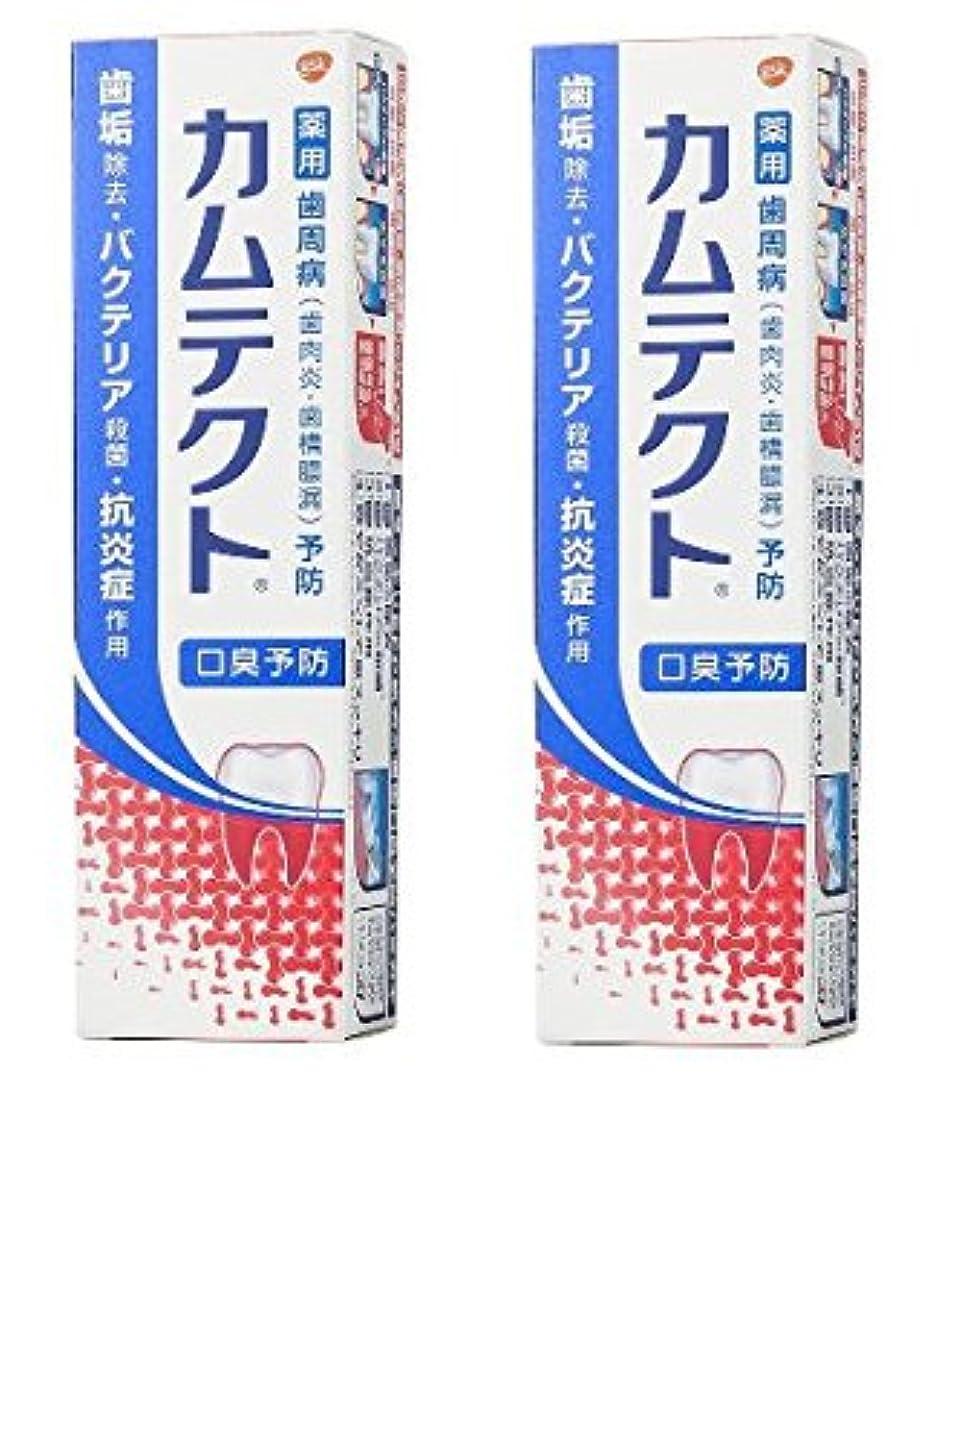 エコー証明品種【まとめ買い】カムテクト 口臭予防 歯周病(歯肉炎?歯槽膿漏) 予防 歯みがき粉 105g × 2個